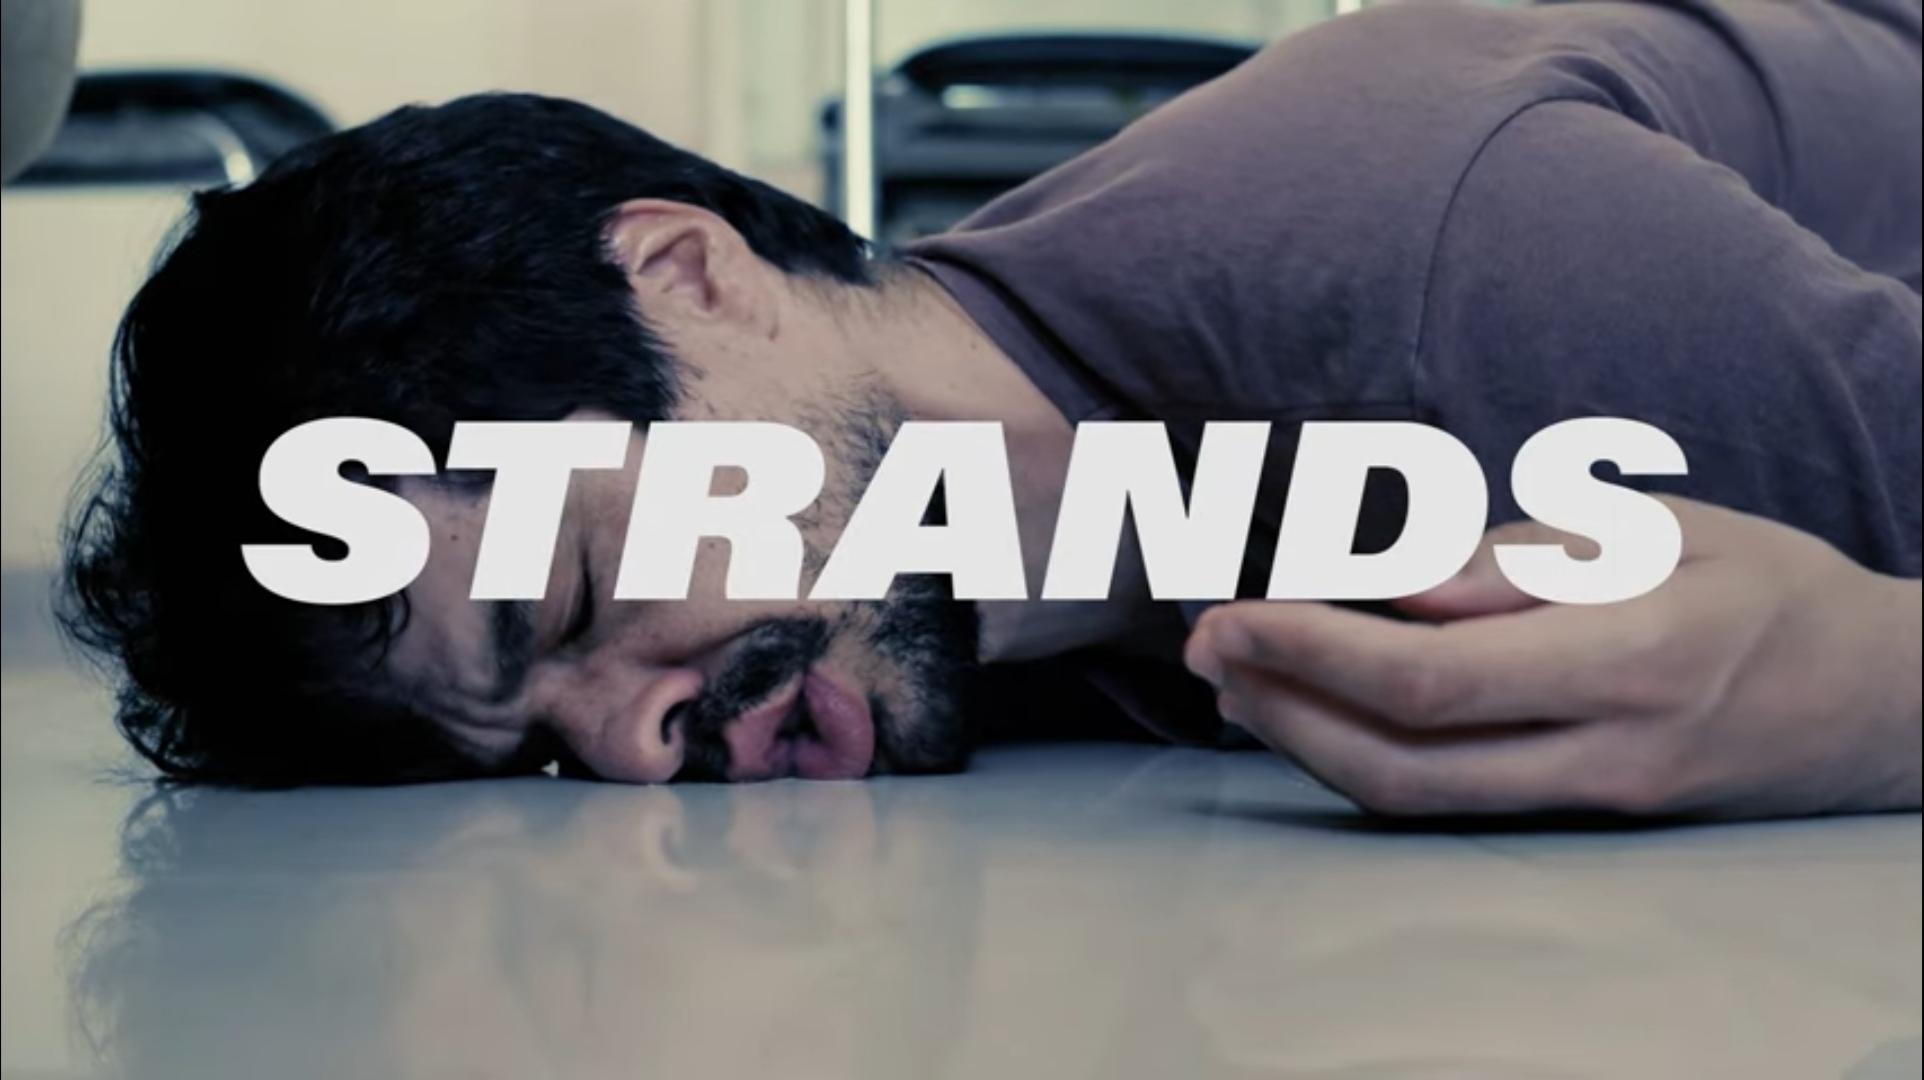 STRANDS - SHORT FILM - MY RODE REEL